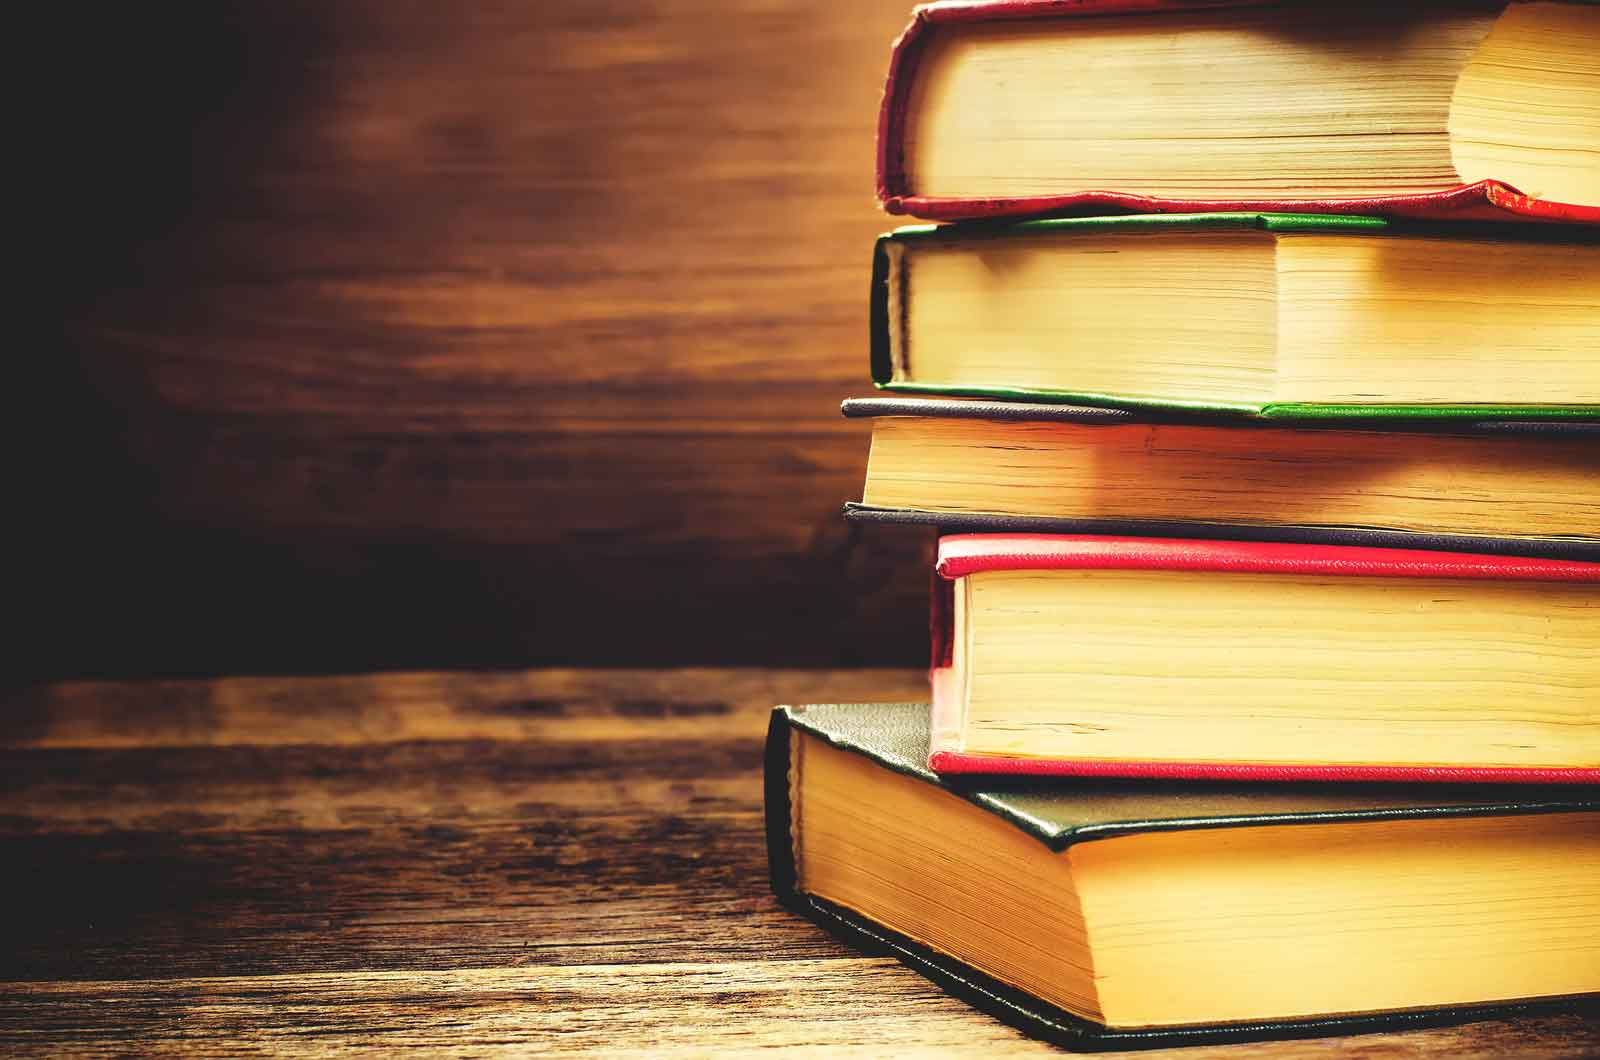 از درو کردن جواز بینالمللی با خیال تا راهی شدن کتابخانههای سیار